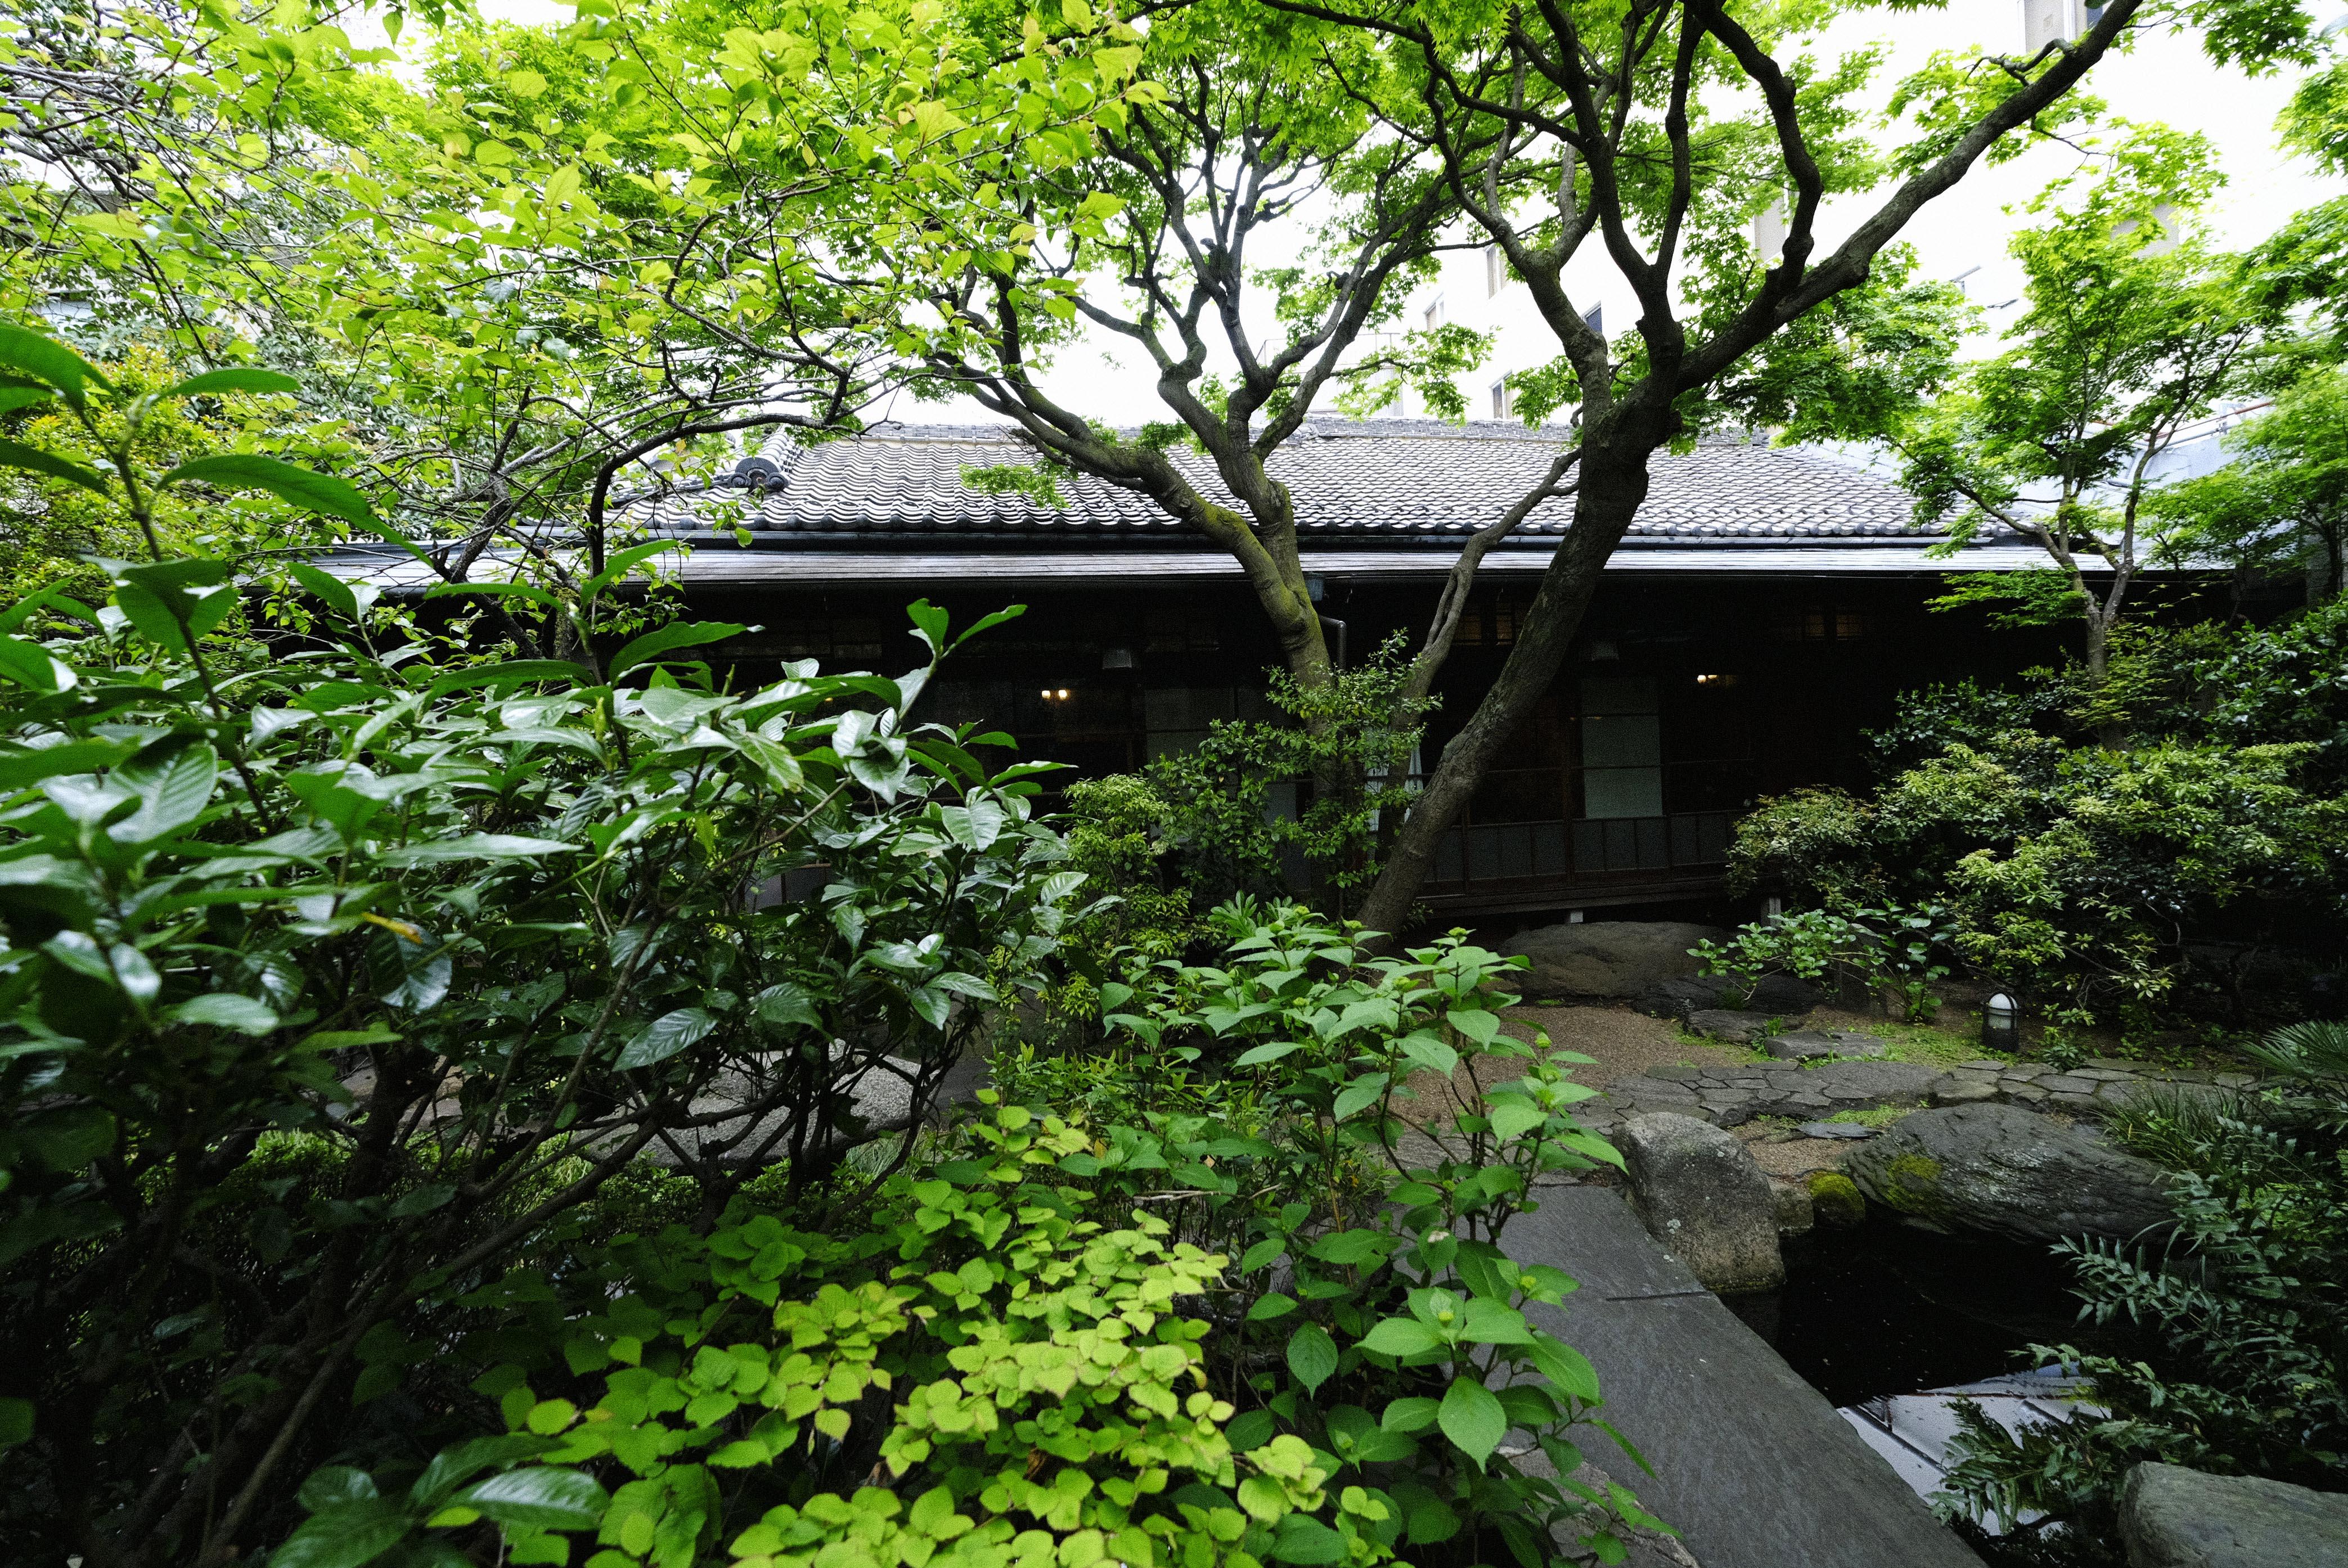 東京・池之端「水月ホテル鷗外荘」 クラウドファンディングが拓く活路|産業遺産のM&A